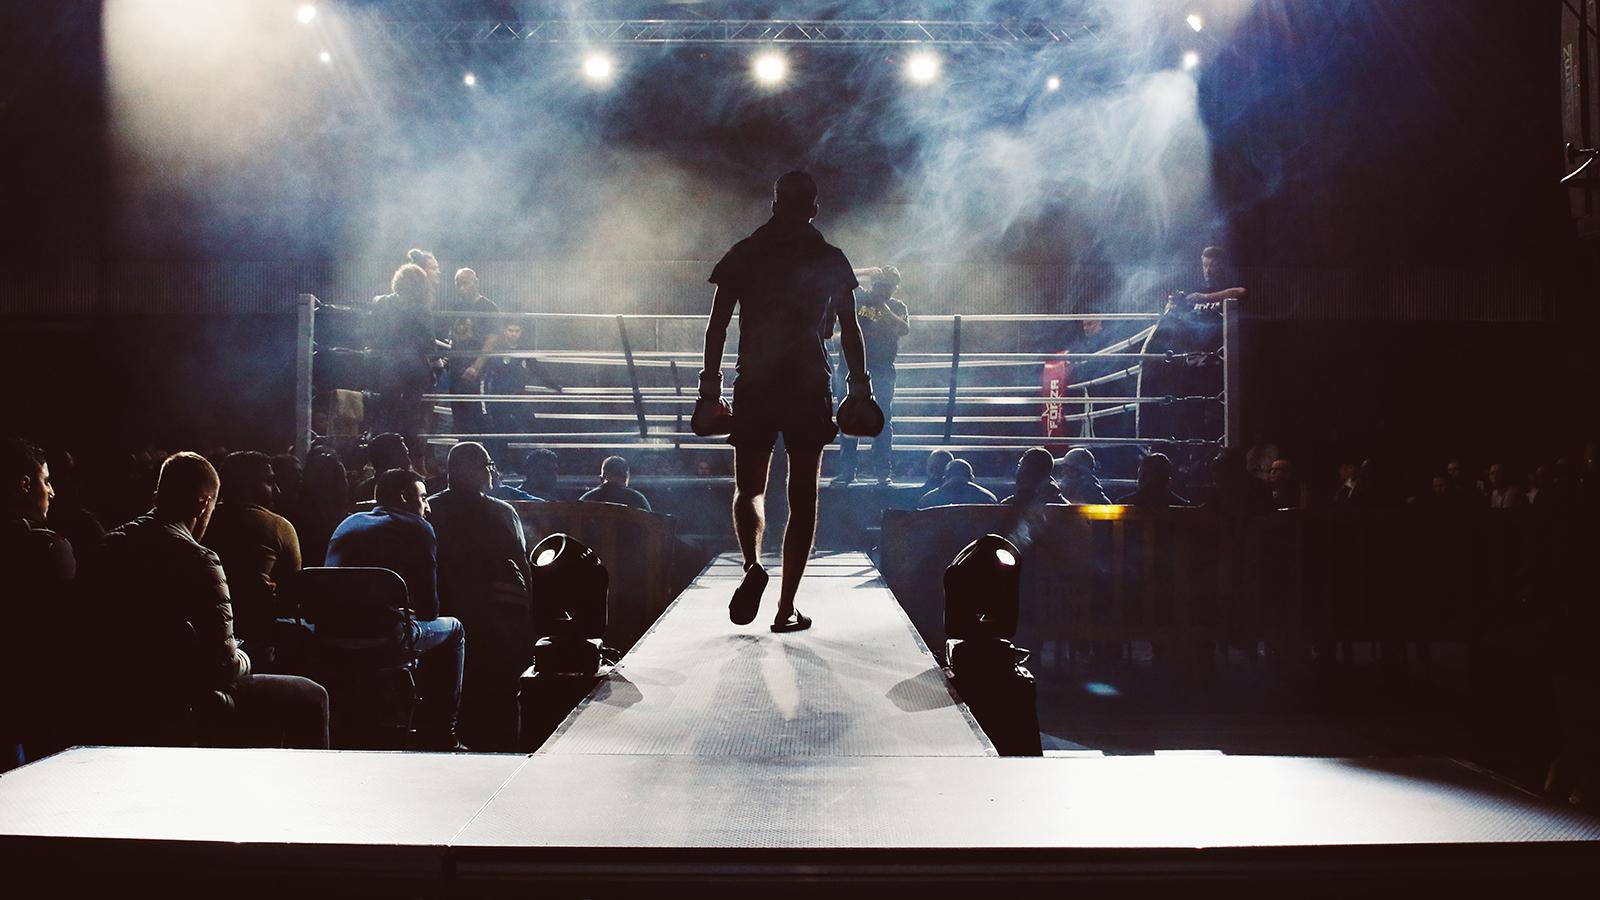 【きょうのスポーツ】バンダム級4団体王座統一を狙う井上尚弥が、ラスベガスで防衛戦へ|ボクシング